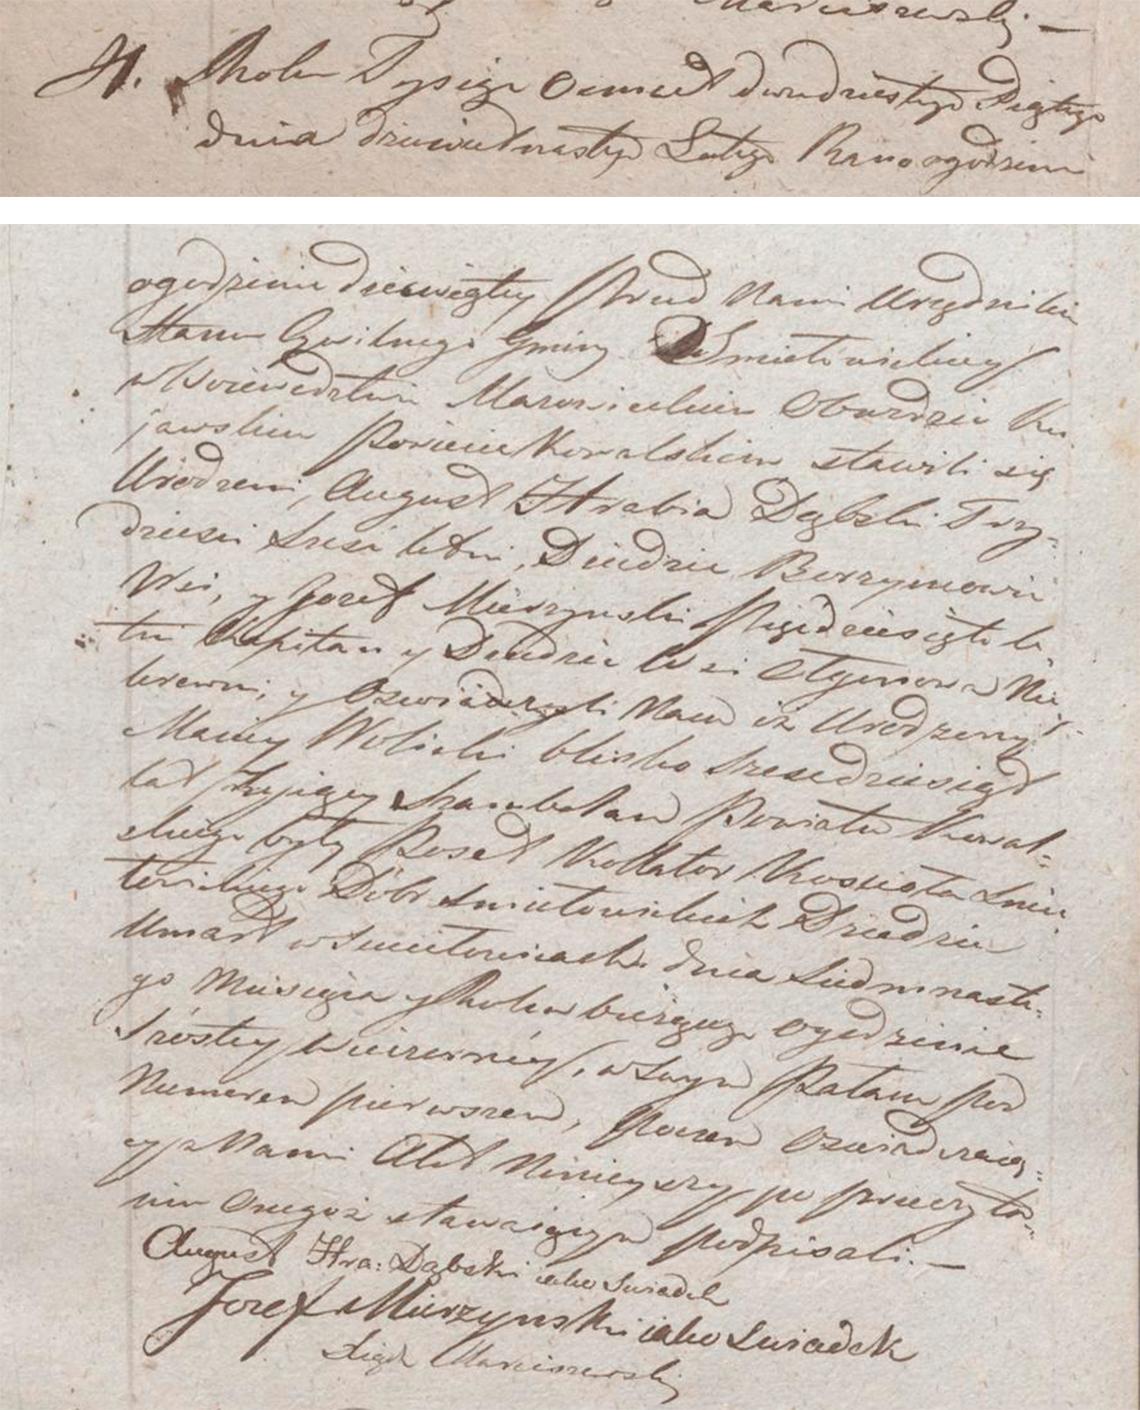 Akt stanu cywilnego zgonu Maciey Wolicki 17.02.1825 r.